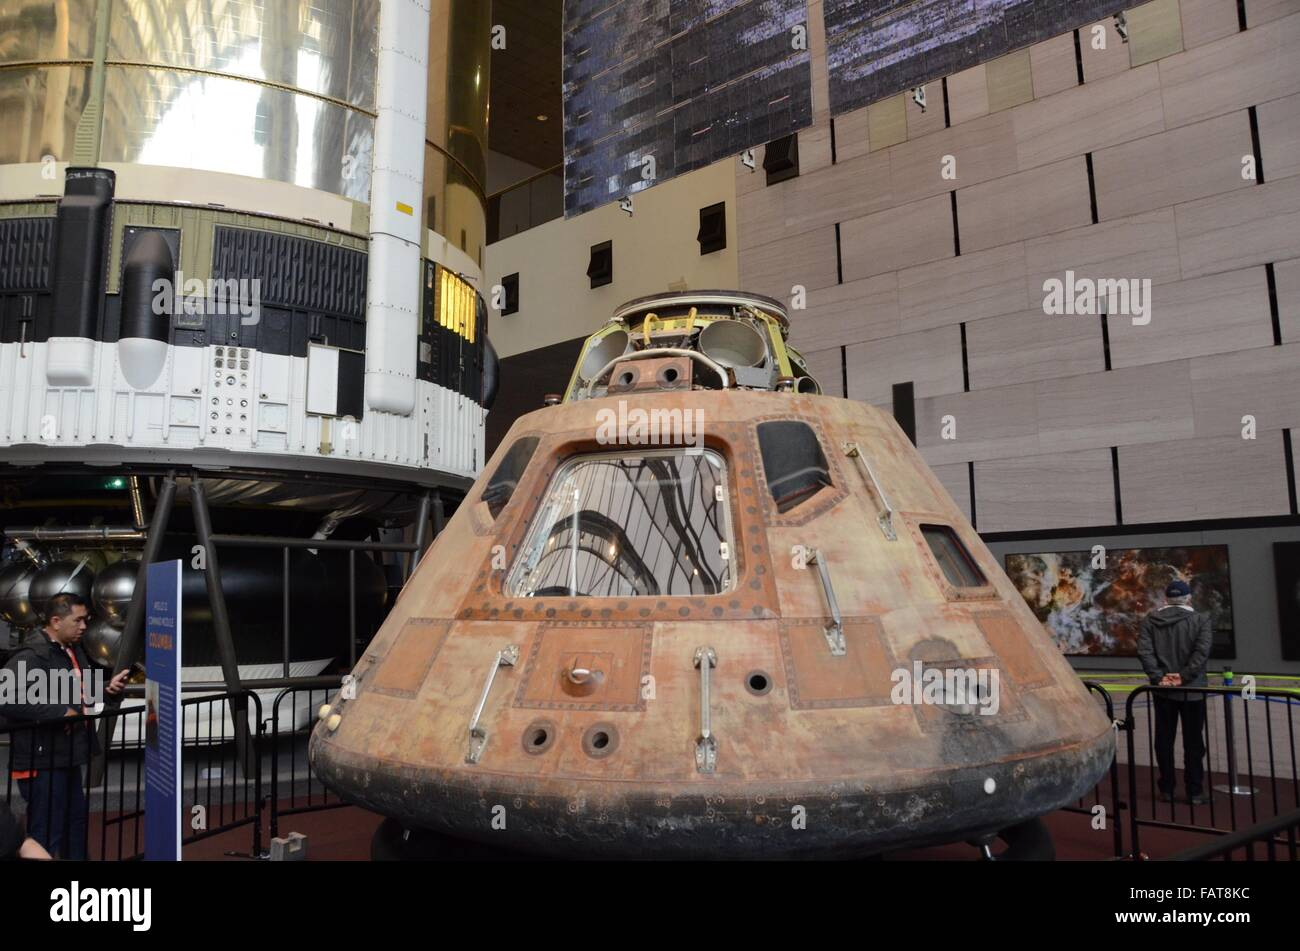 washington space museum apollo - photo #8